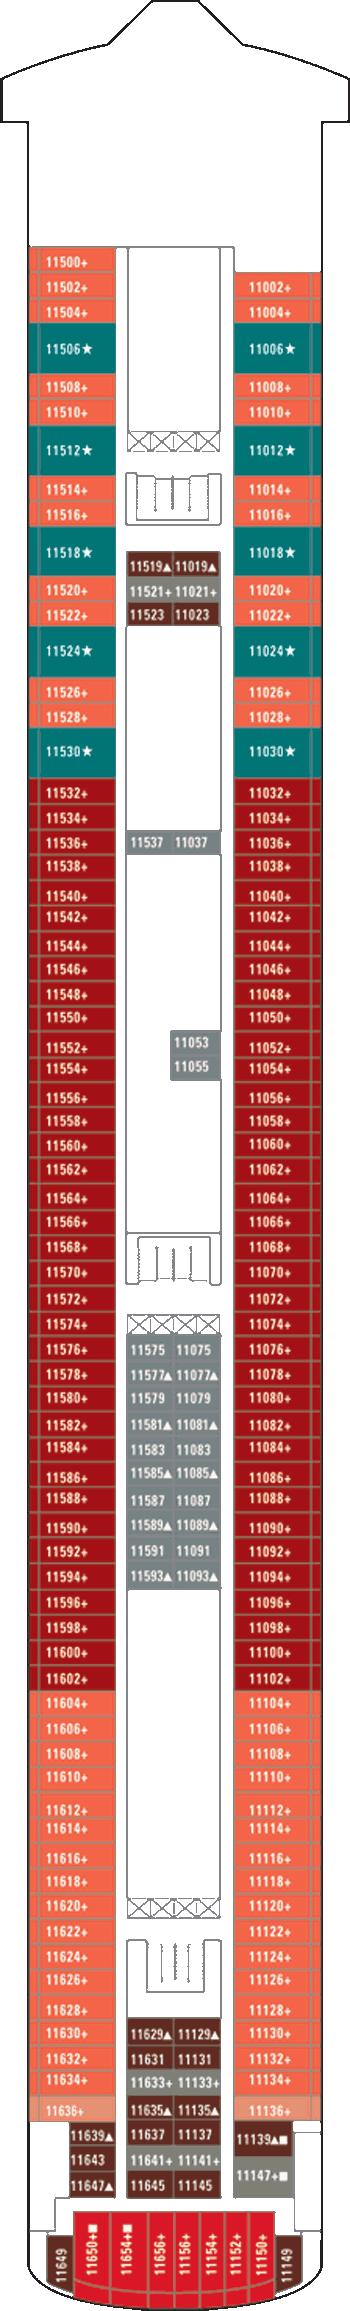 Norwegian Jewel - Deck 11